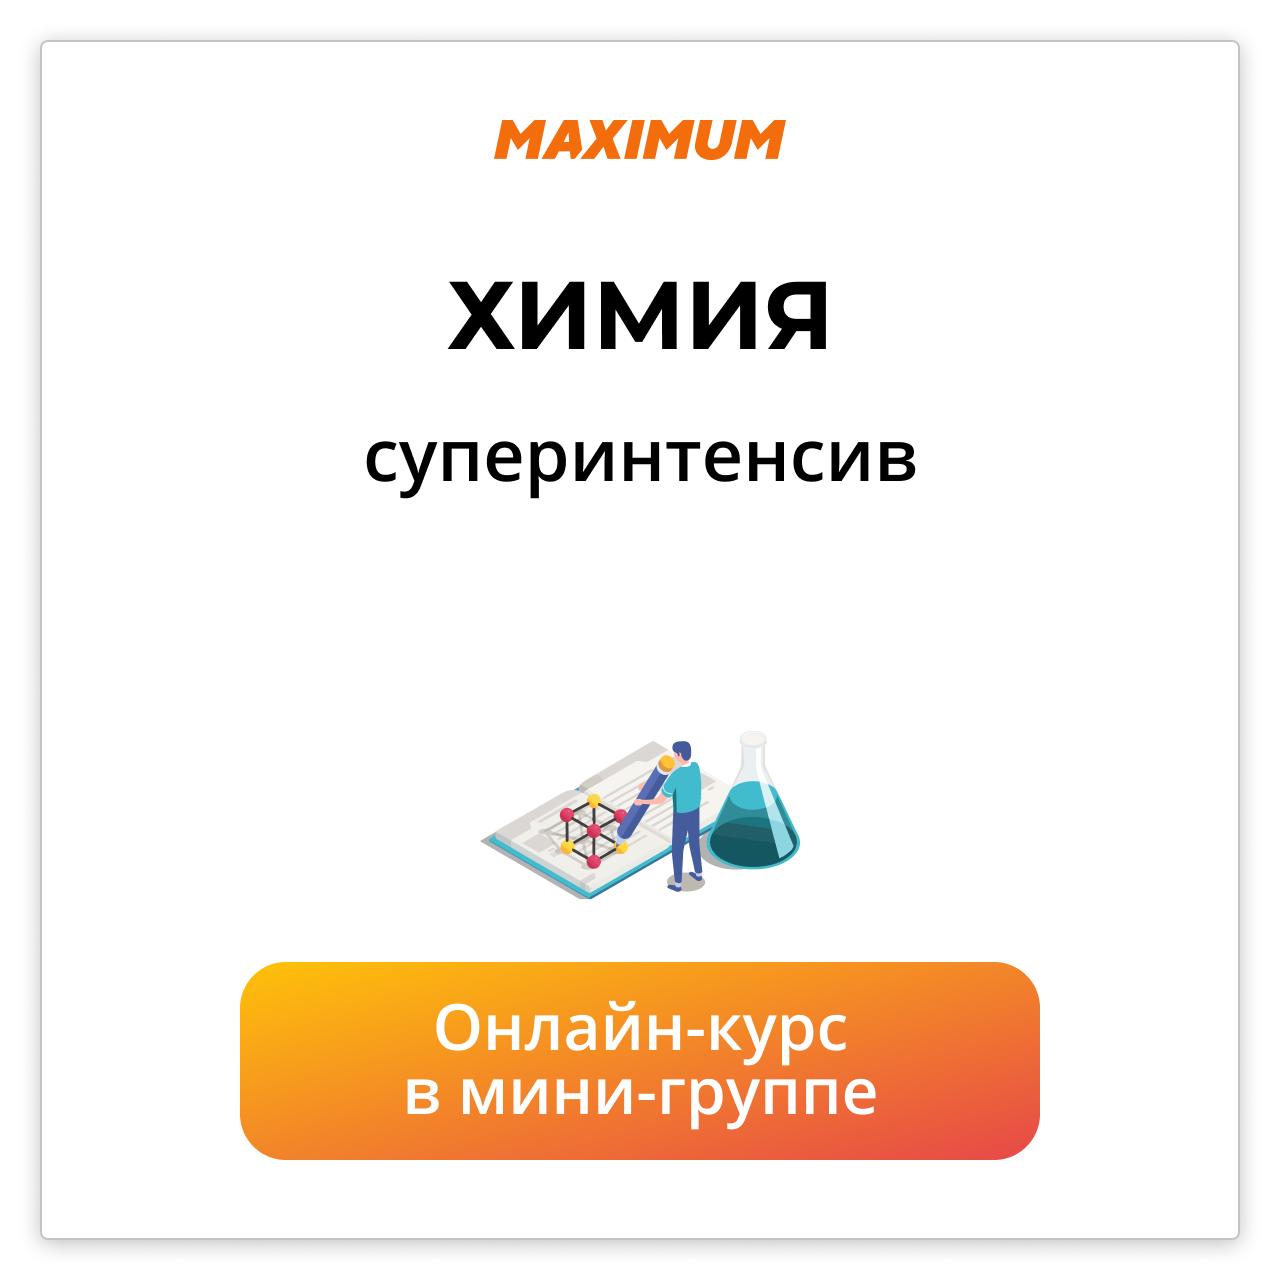 Химия ЕГЭ Мини-группа